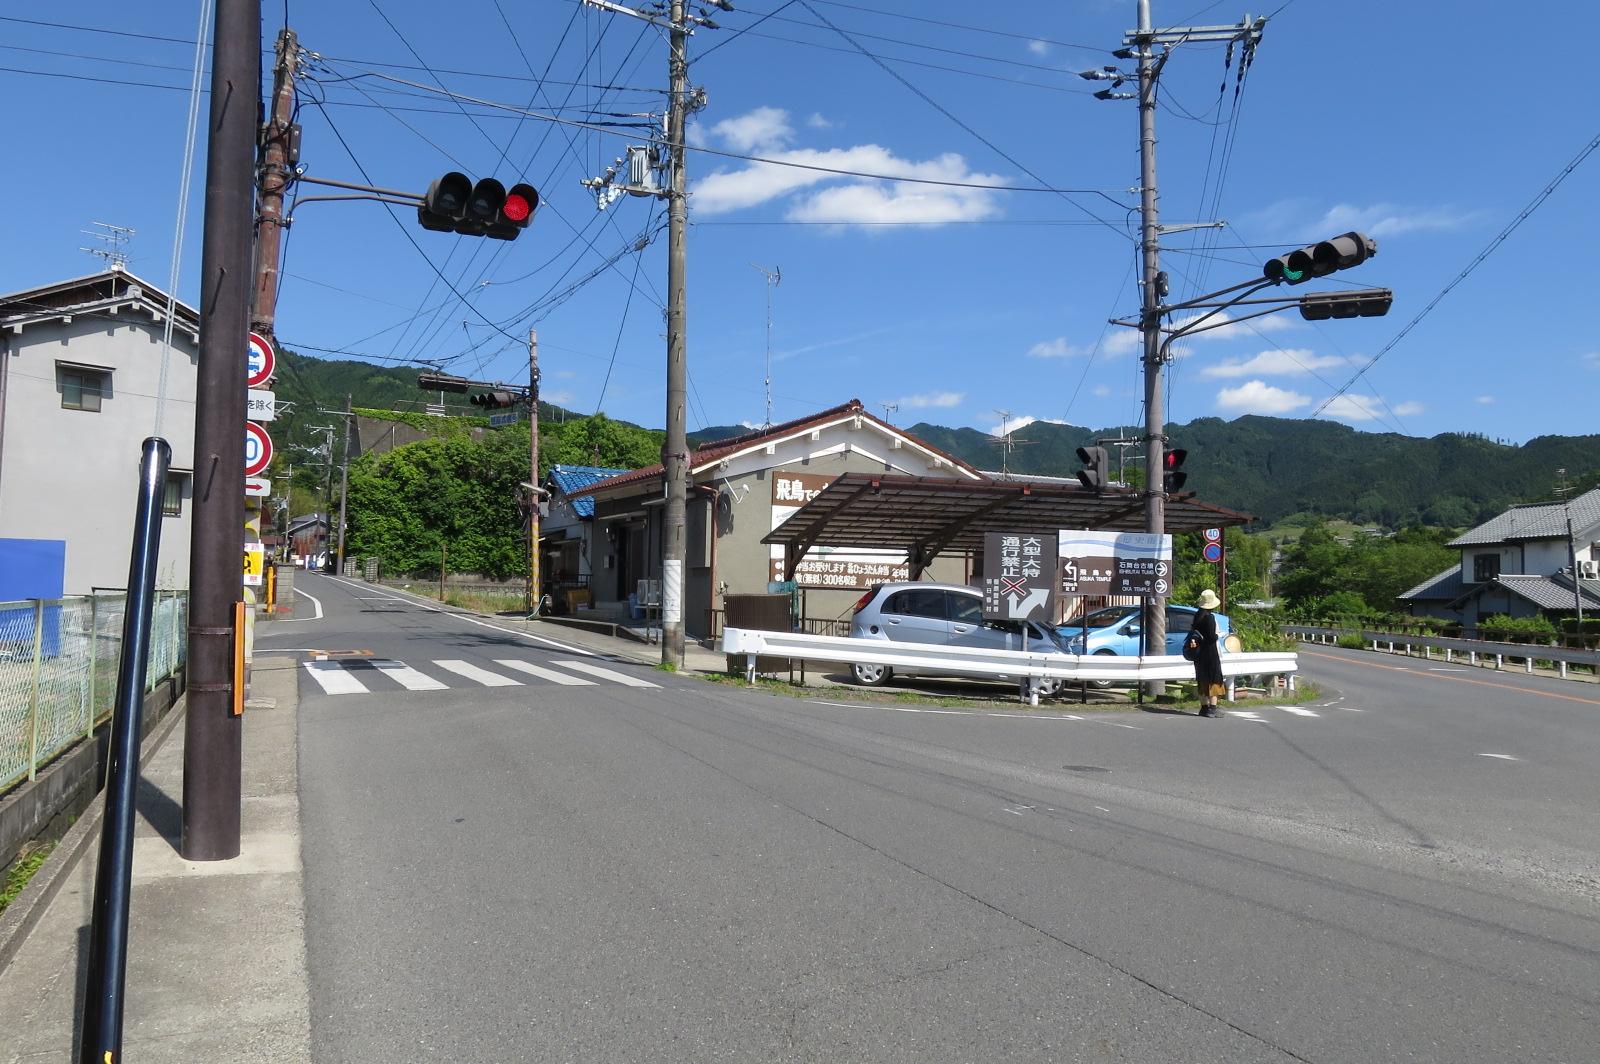 橘寺から県道155号線を東に歩くと信号が出てきます。飛鳥寺は左側の道を進みます。